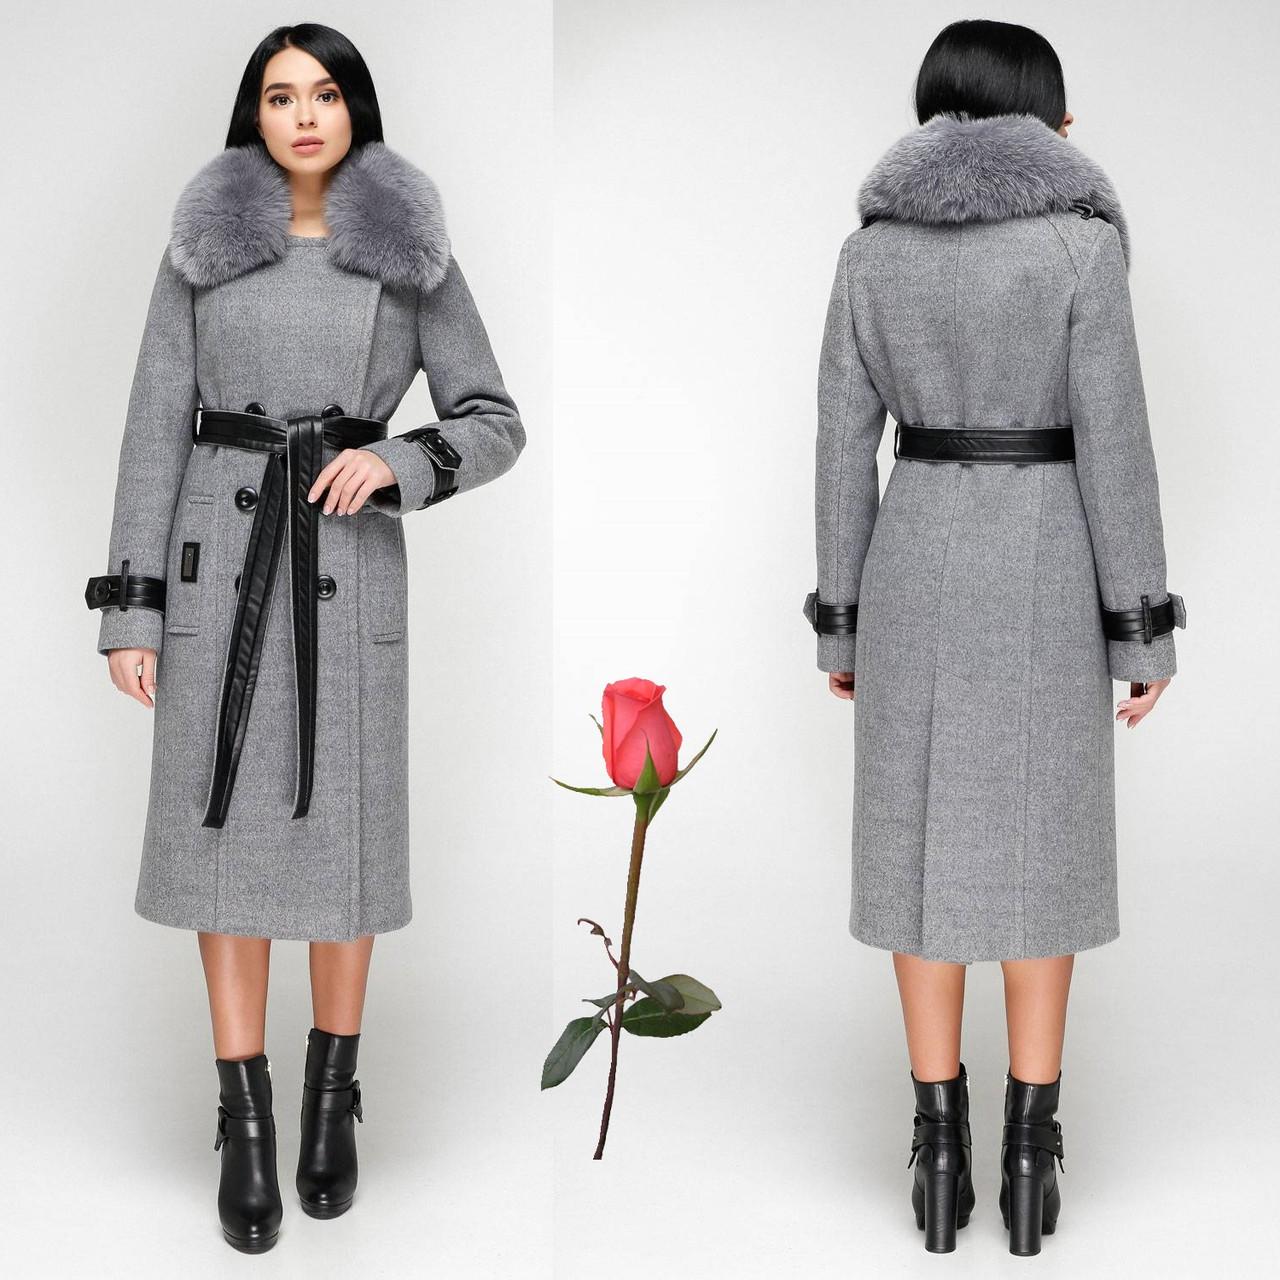 Женское зимнее  пальто  из итальянской пальтовой ткани  и мехом  F  771157  Светлый серый